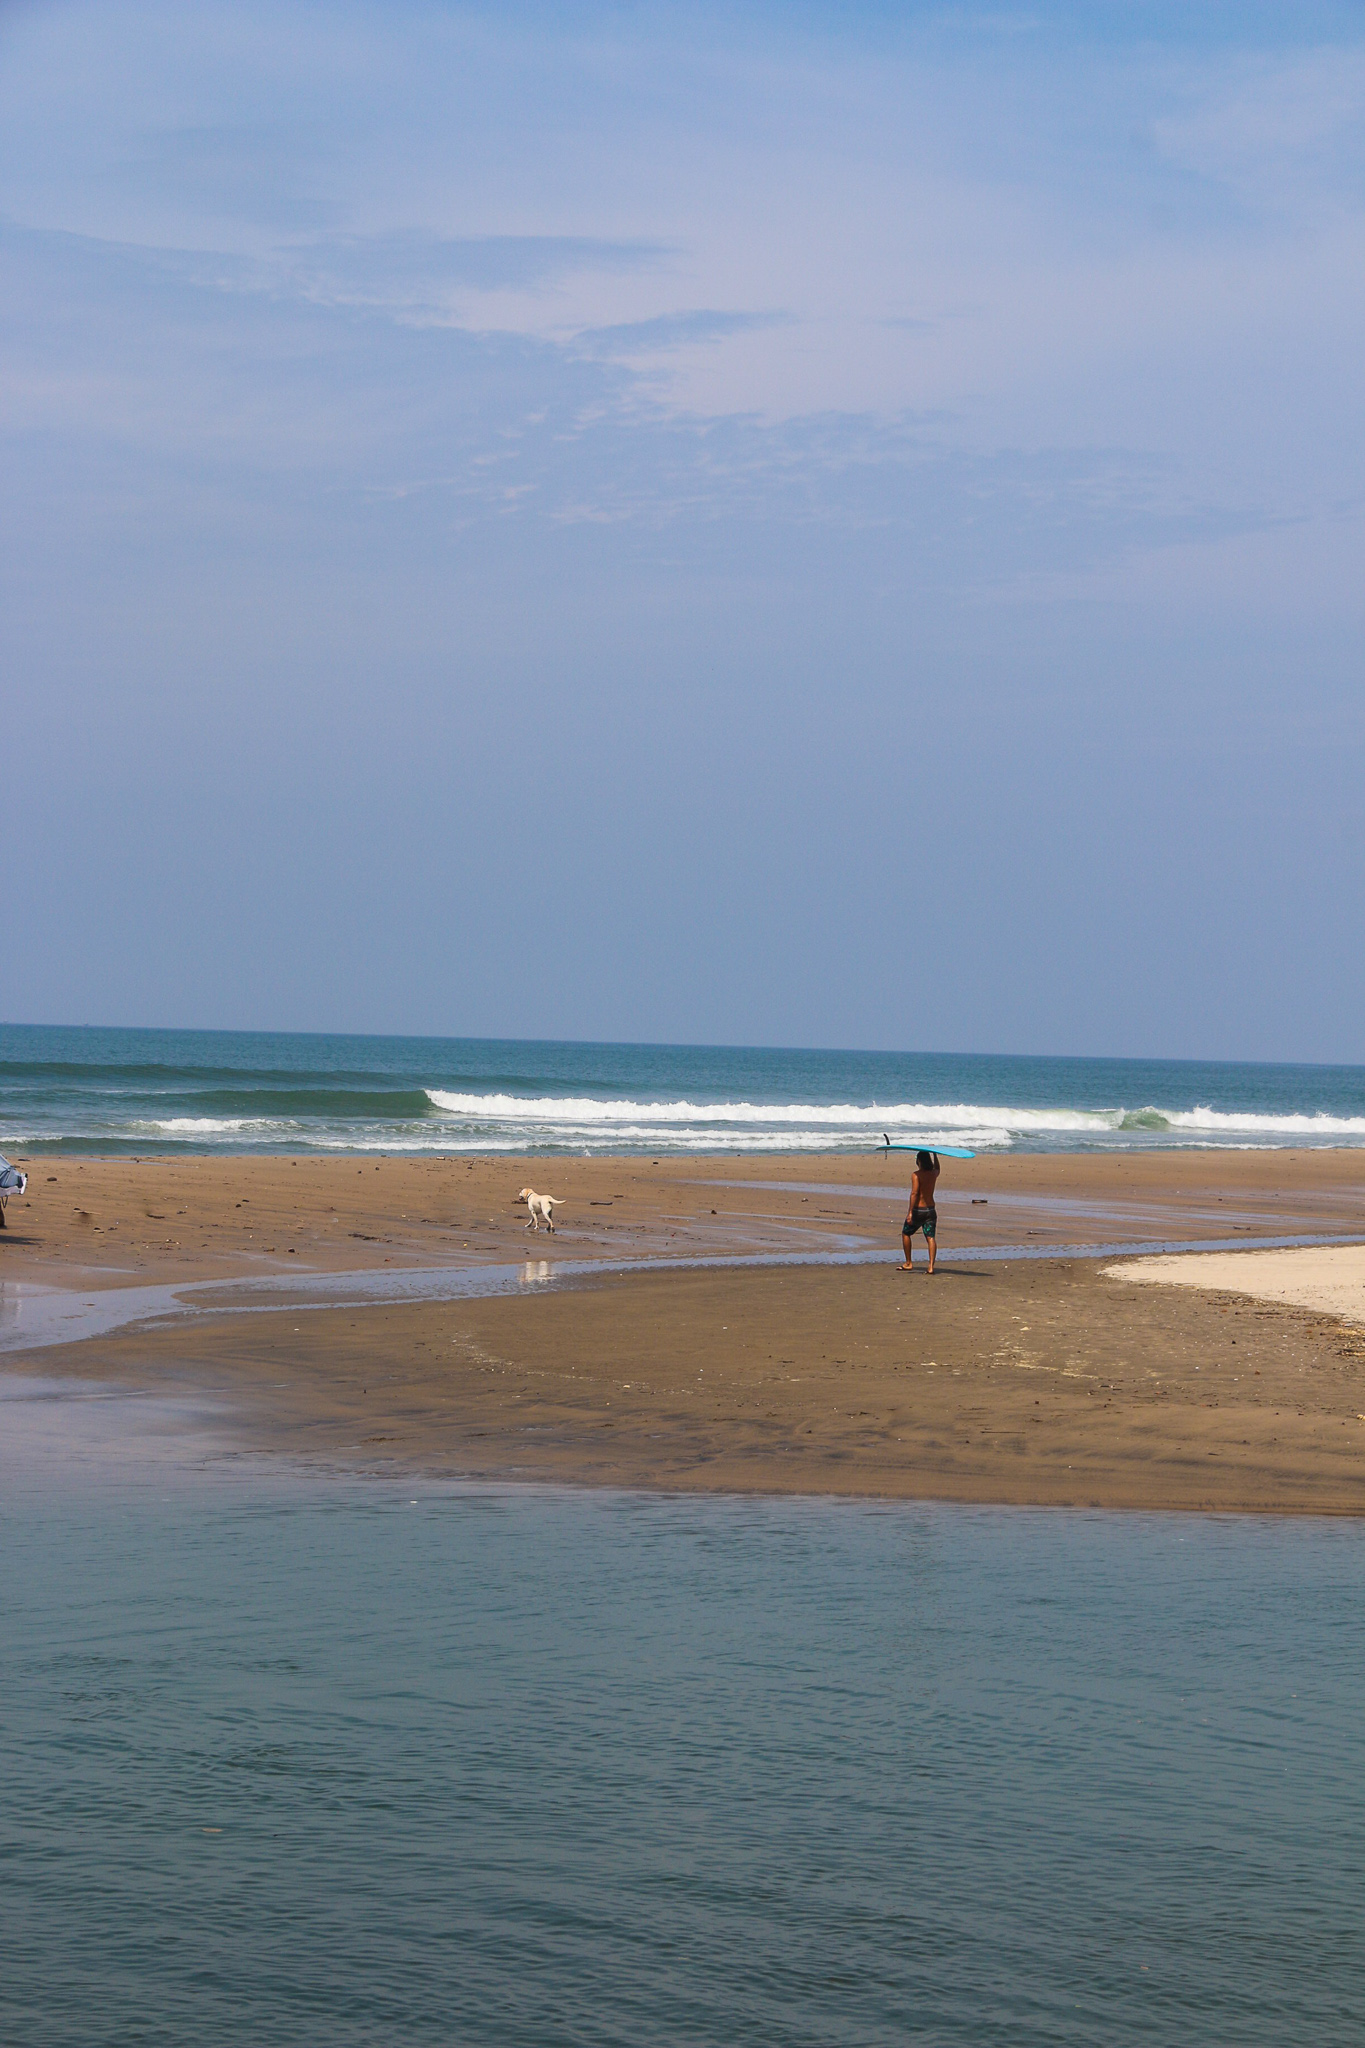 Goa Surf - An Empty Line Up